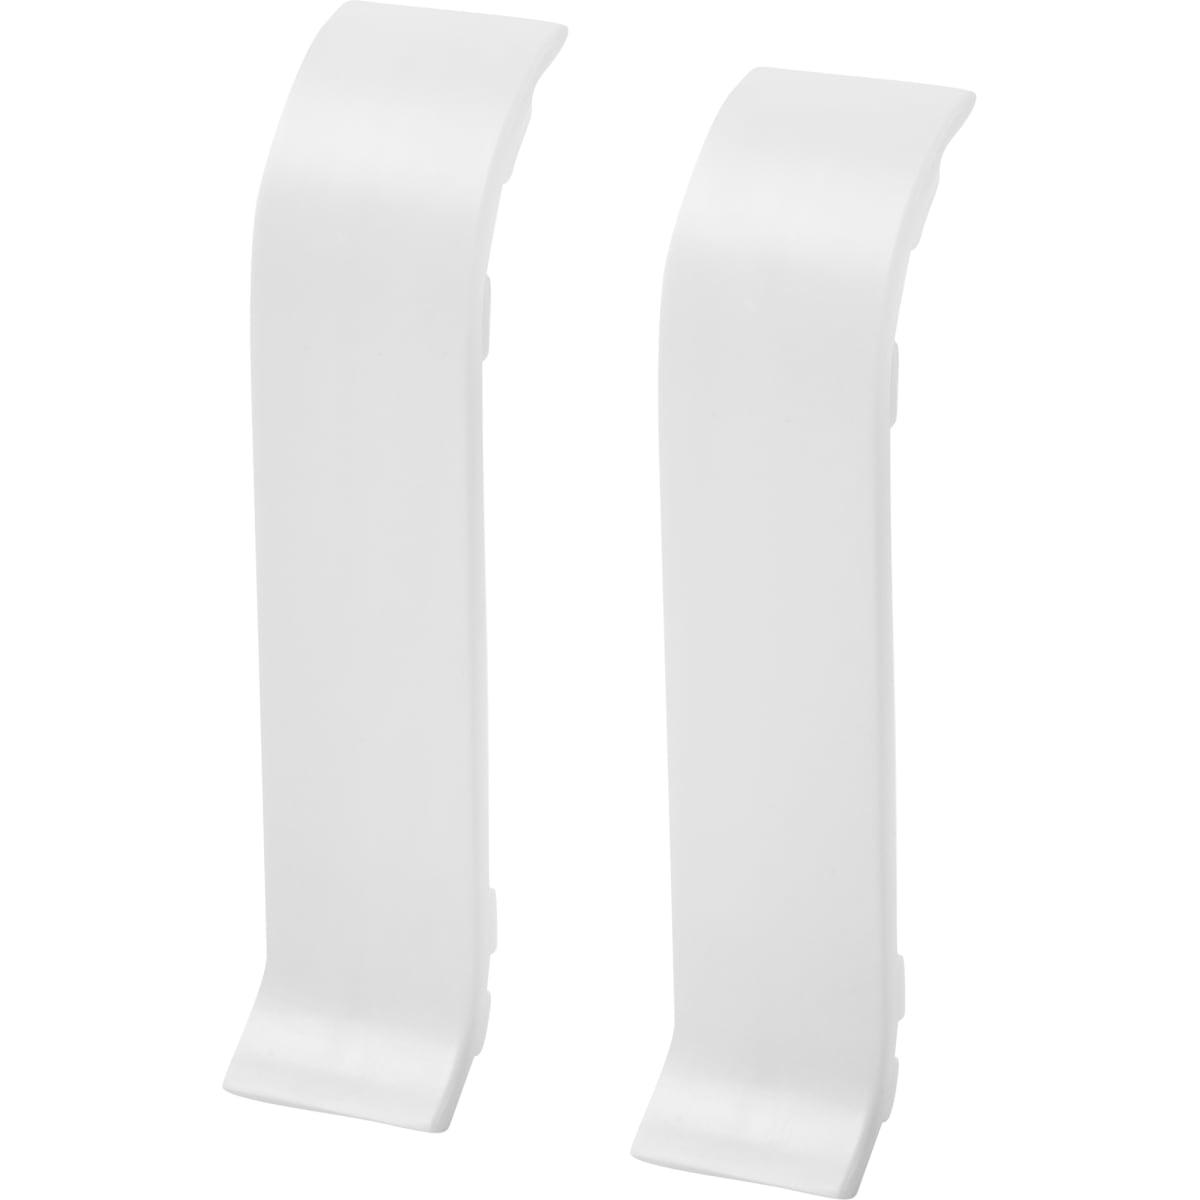 Соединитель для плинтуса «Белый», высота 60 мм, 2 шт.